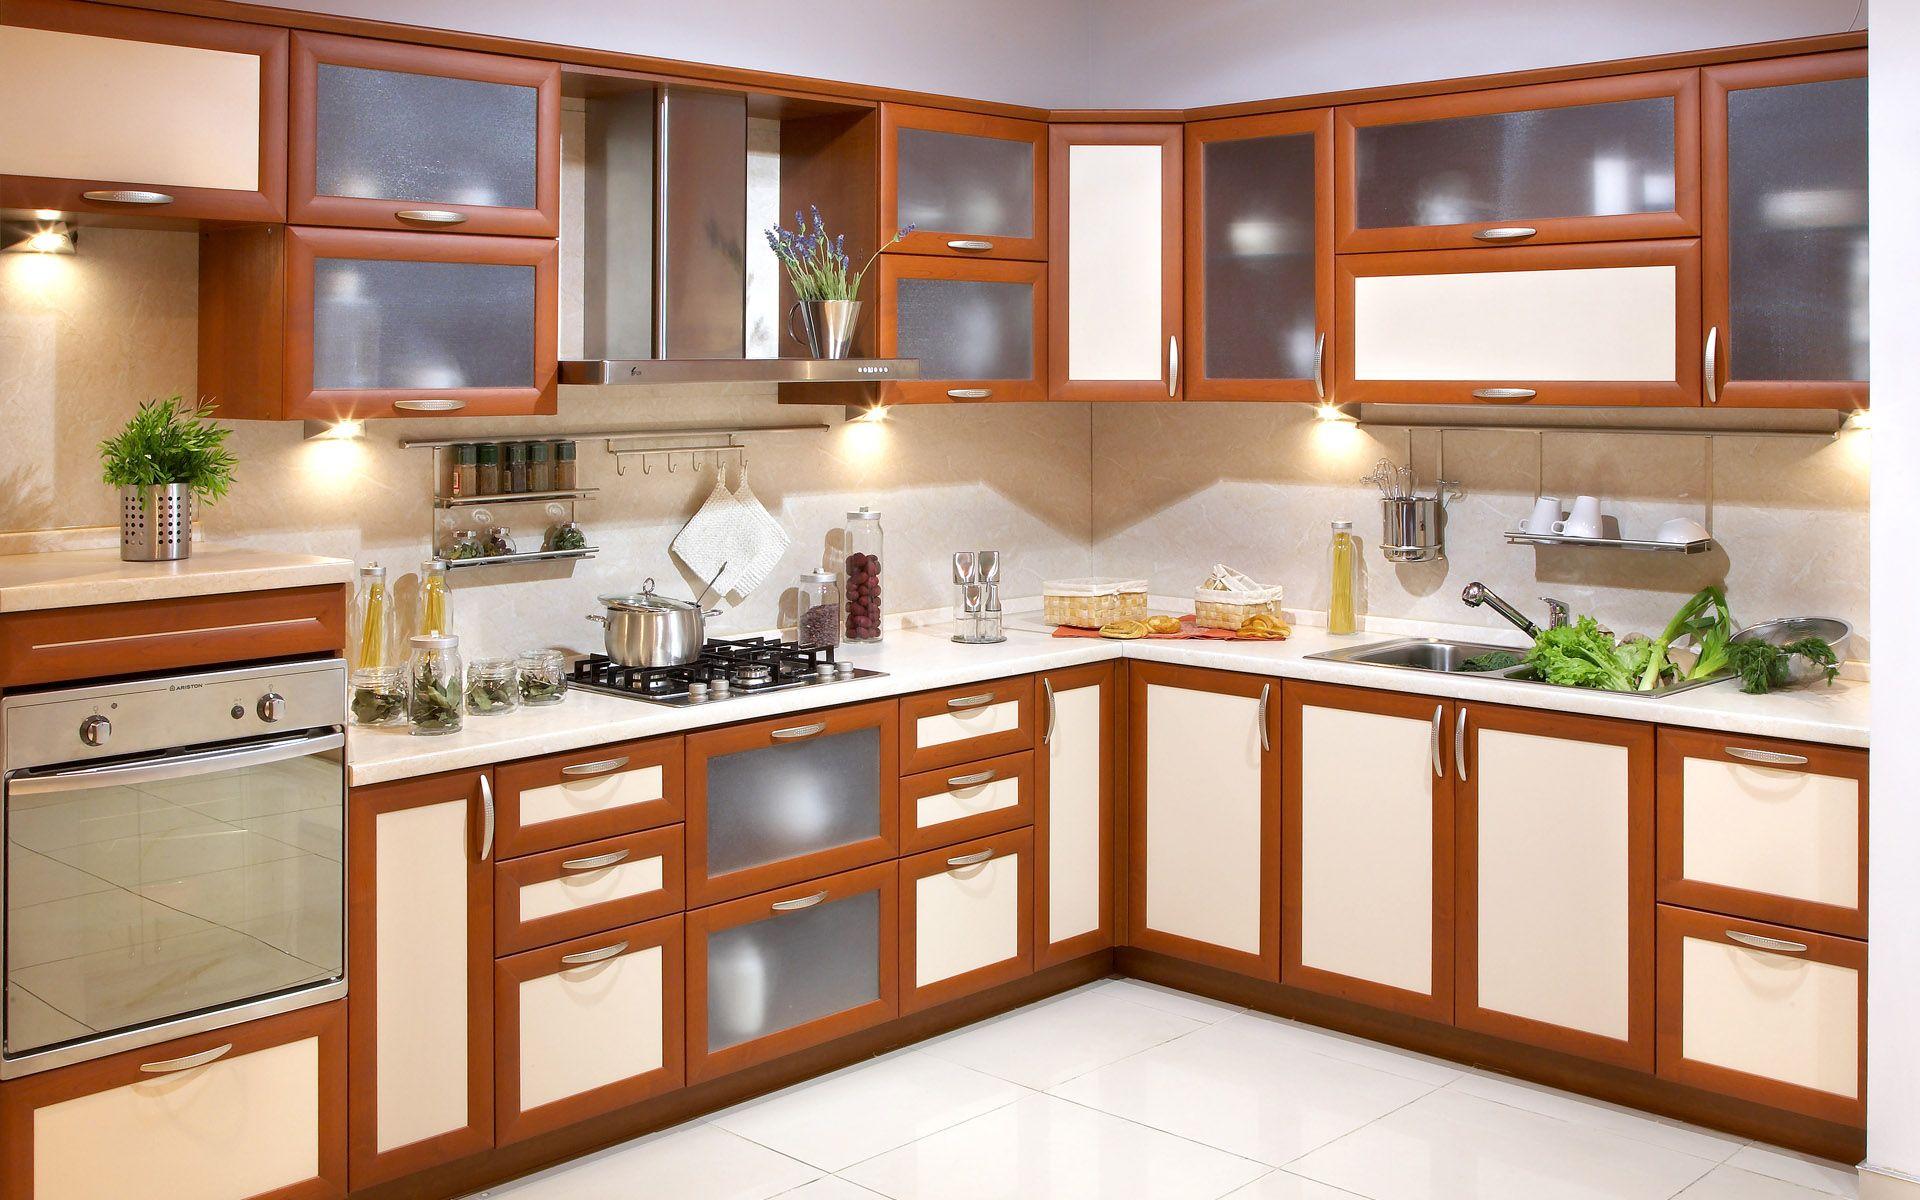 Kitchen Wallpaper Design Ideas Remodel Houzz 1000—727